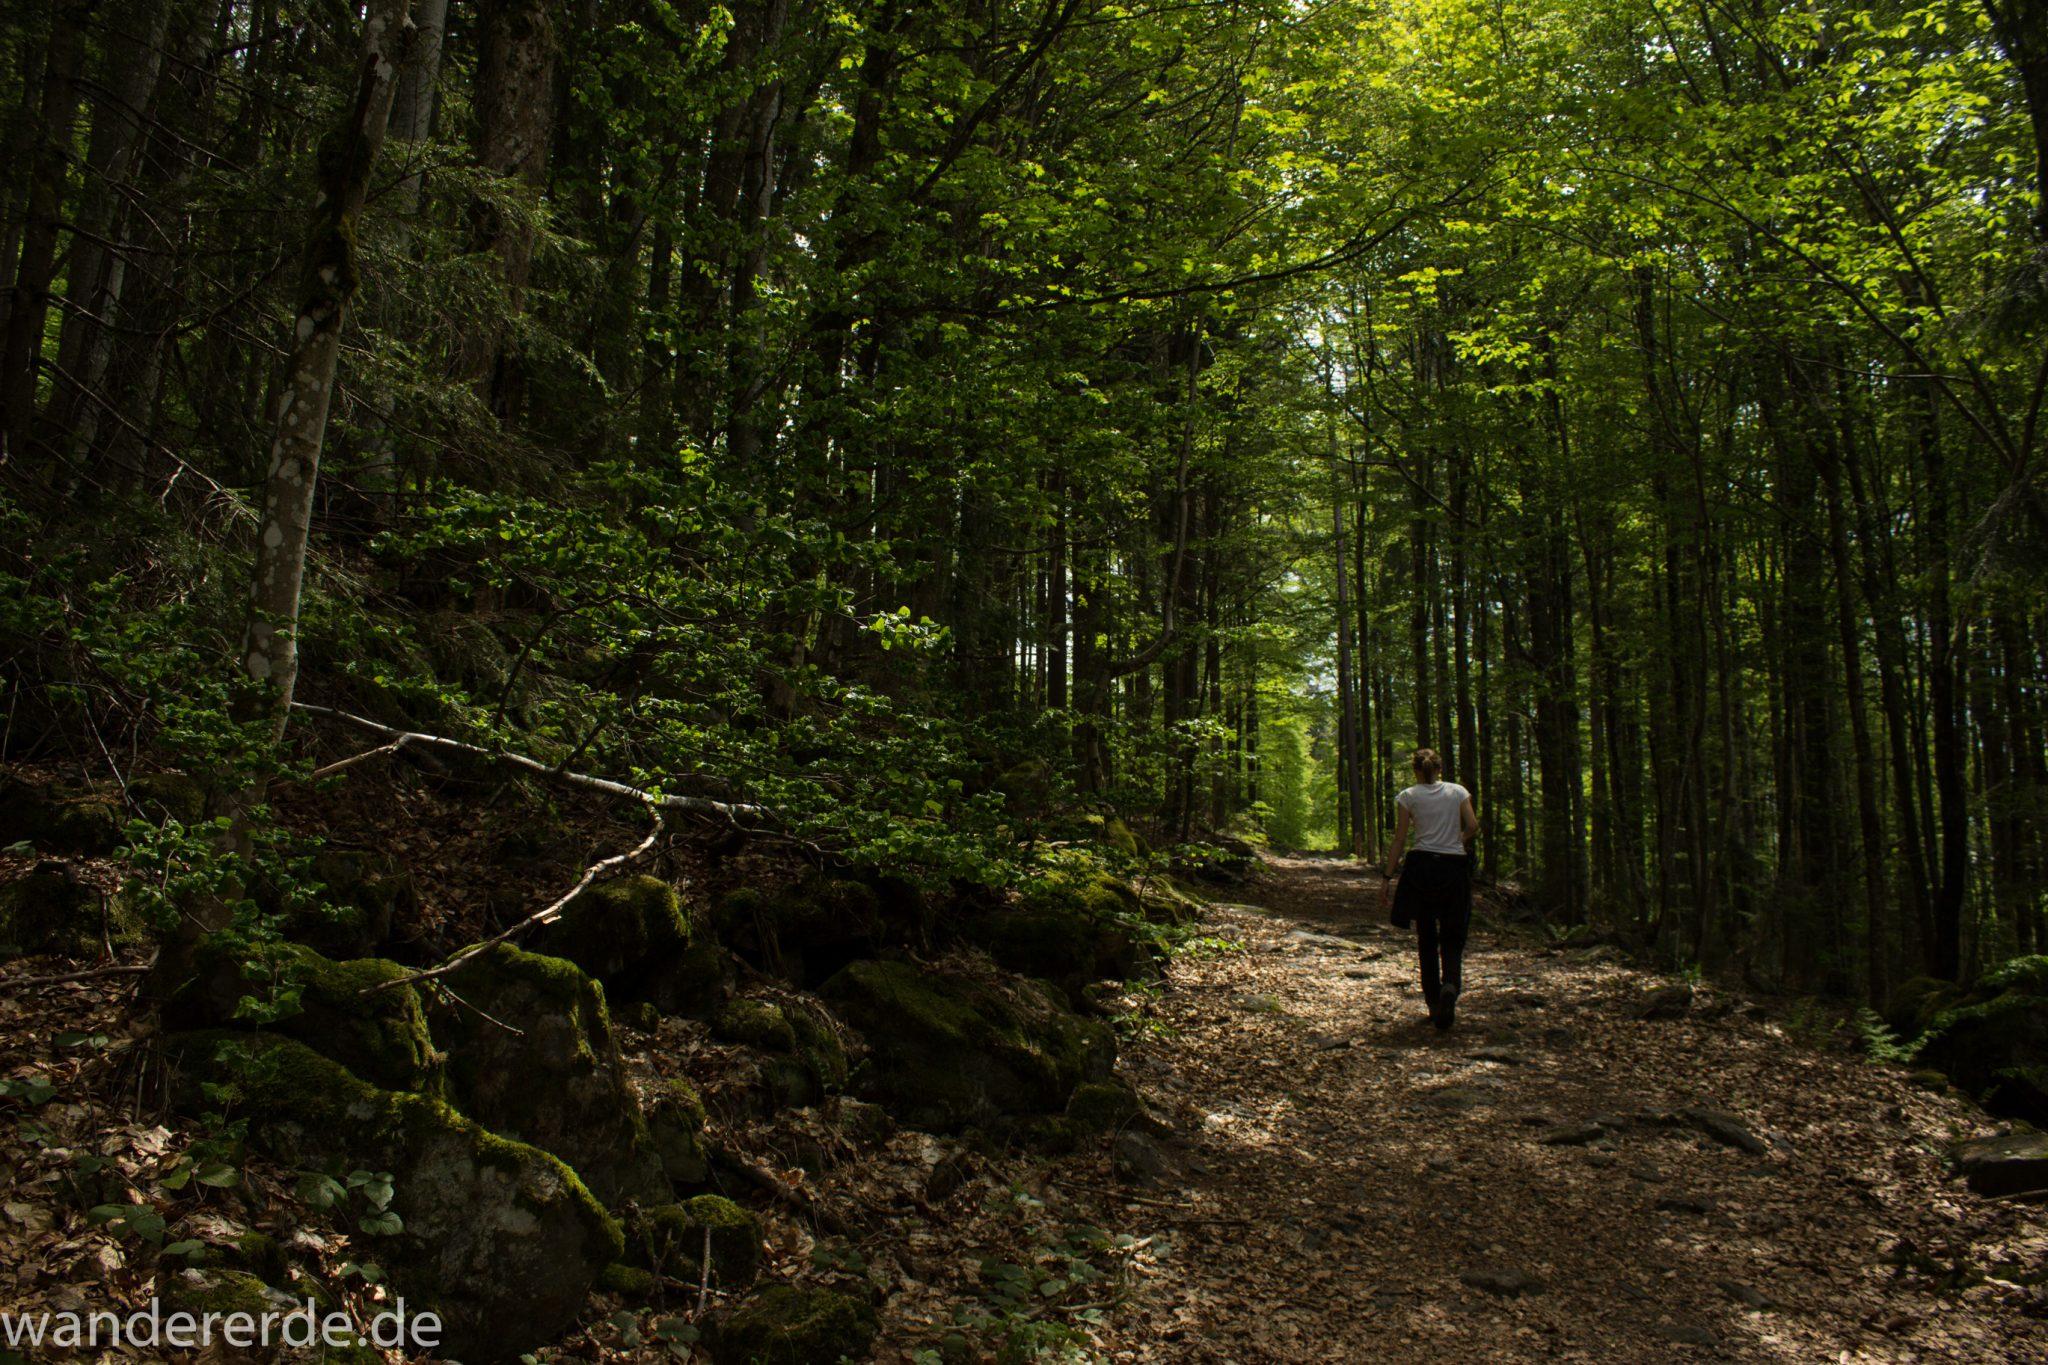 Rundwanderung zum Großen Falkenstein im Bayerischen Wald mit Start beim Zwieslerwaldhaus, Wanderer auf dem Wanderweg Heidelbeere mit traumhaft schönem und dichtem Wald, toller naturbelassener Weg mit kühlendem Schatten, Frühjahr im bayerischen Wald